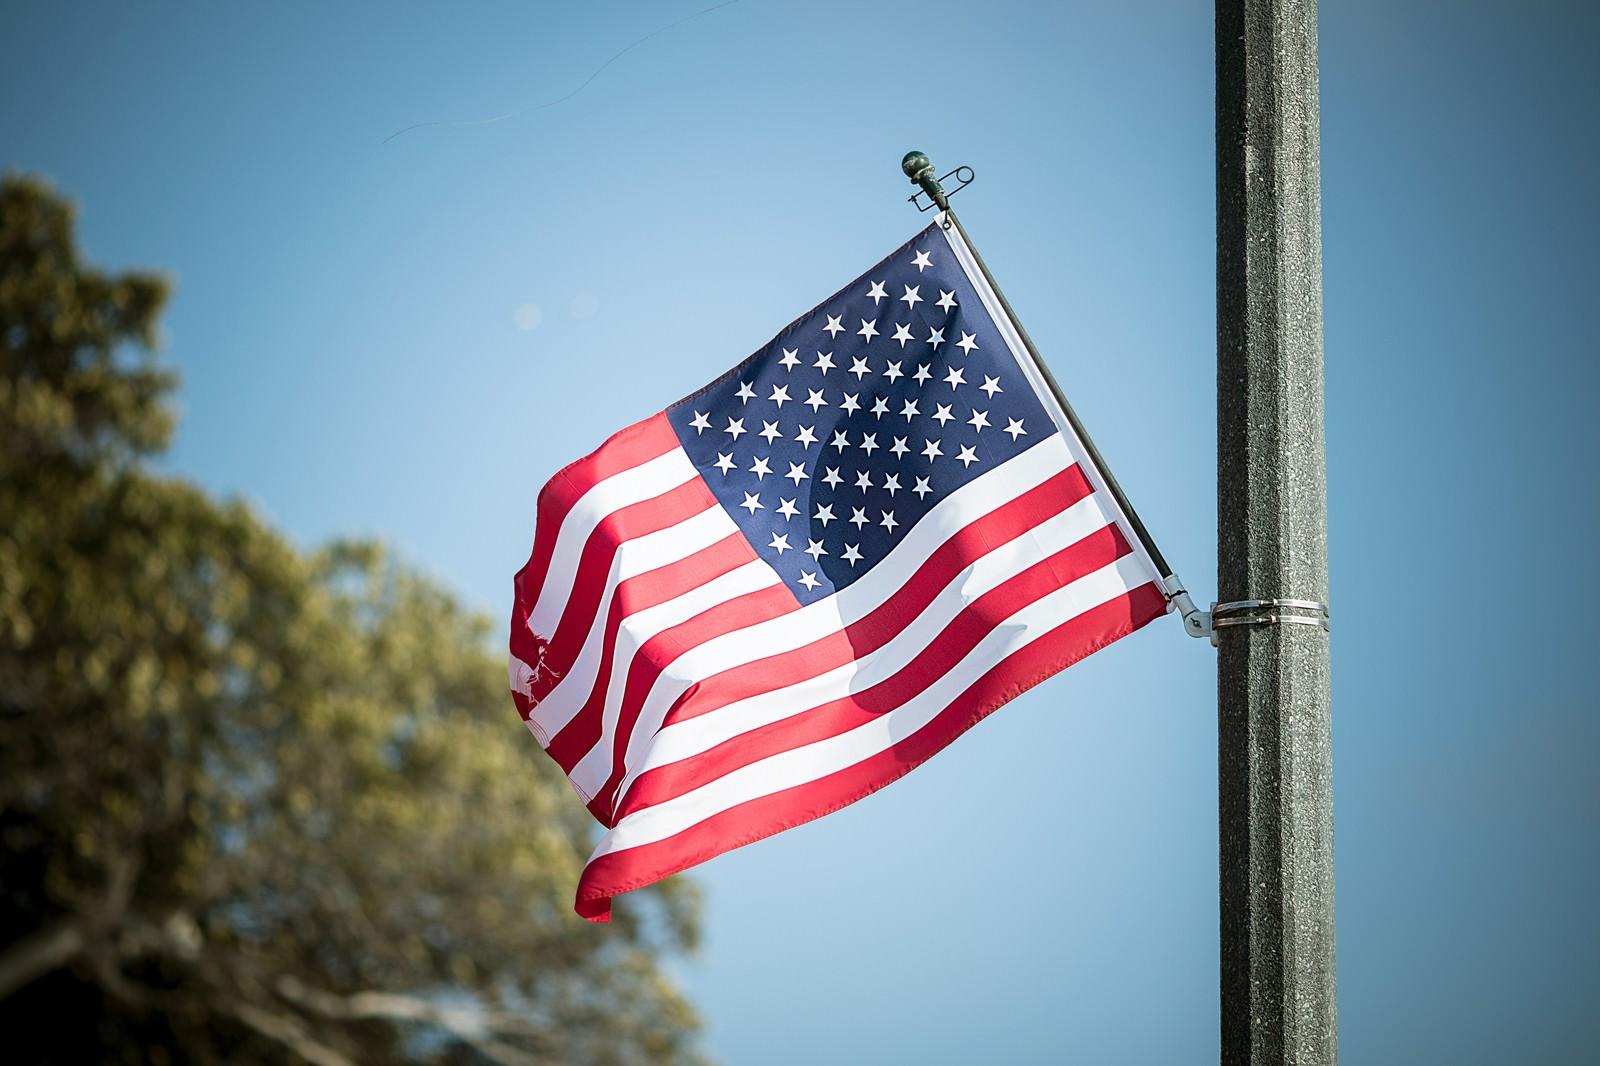 「風になびくアメリカの国旗風になびくアメリカの国旗」のフリー写真素材を拡大